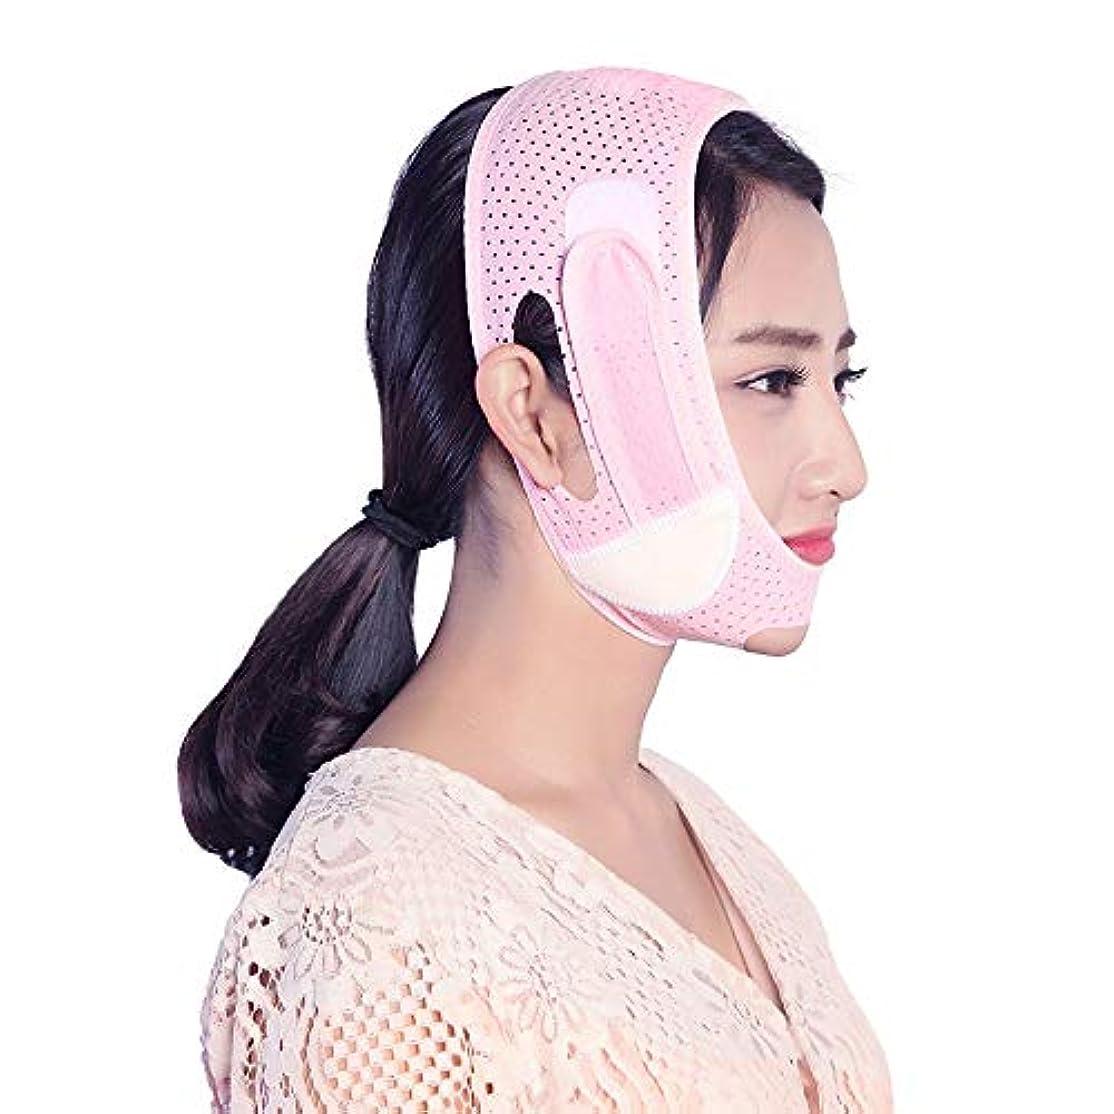 が欲しいマチュピチュ通訳Minmin 睡眠薄い顔パッチ包帯吊り上げプルv顔引き締めどころアーティファクト判決パターン二重あご薄いマッセルマスク - ピンク みんみんVラインフェイスマスク